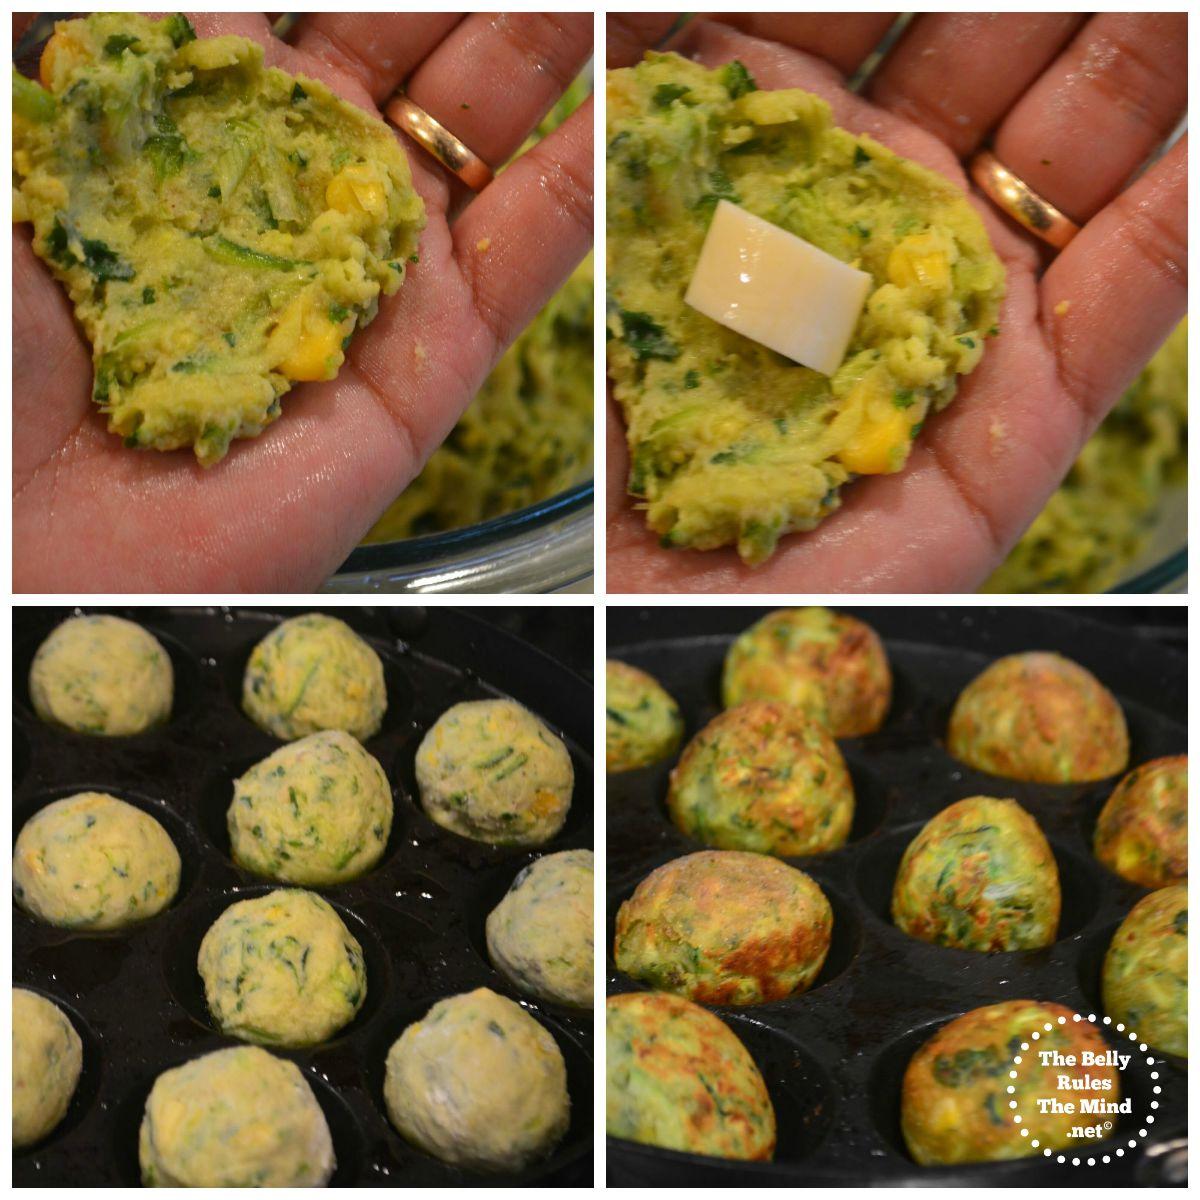 Zucchini tots steps 2